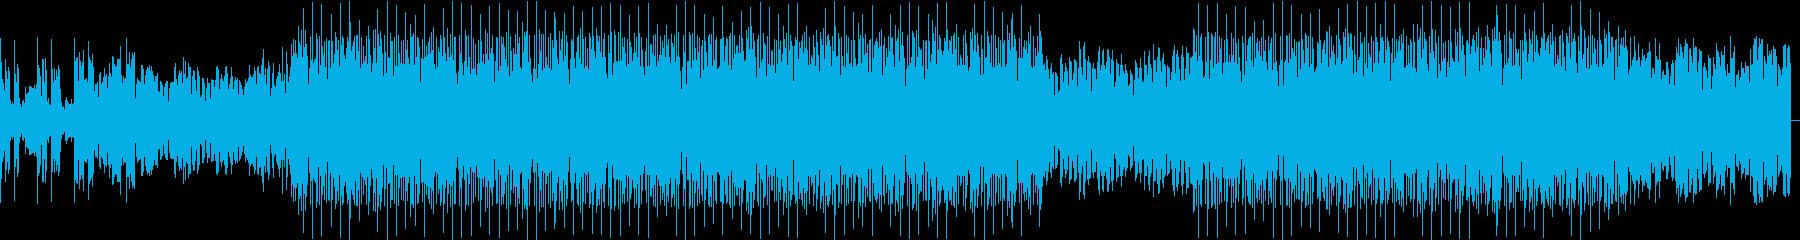 bpm100 ボコーダーEDMエレクトロの再生済みの波形